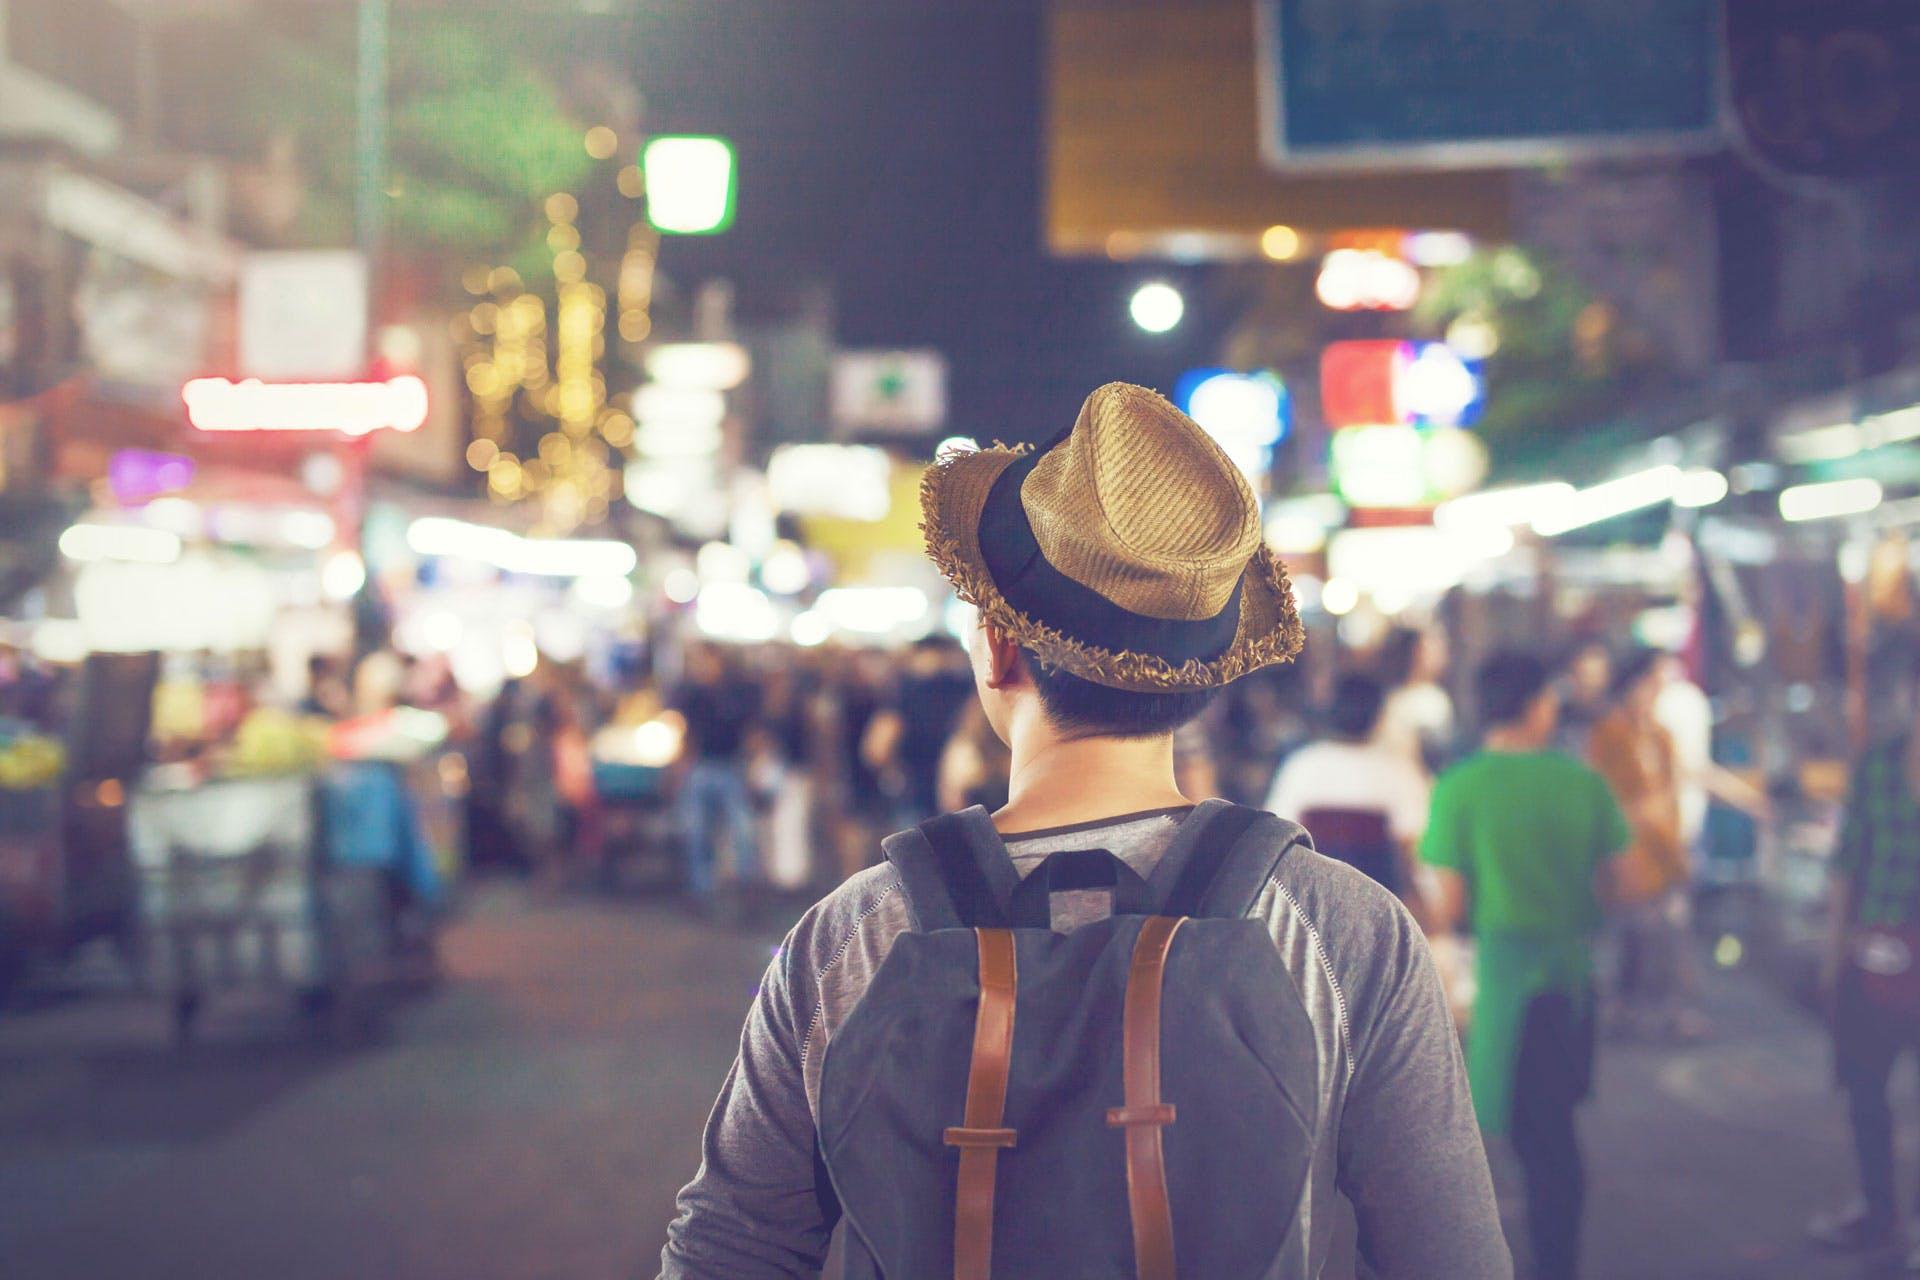 Jobb látás éjszaka - A nők és a férfiak színérzékelése különböző